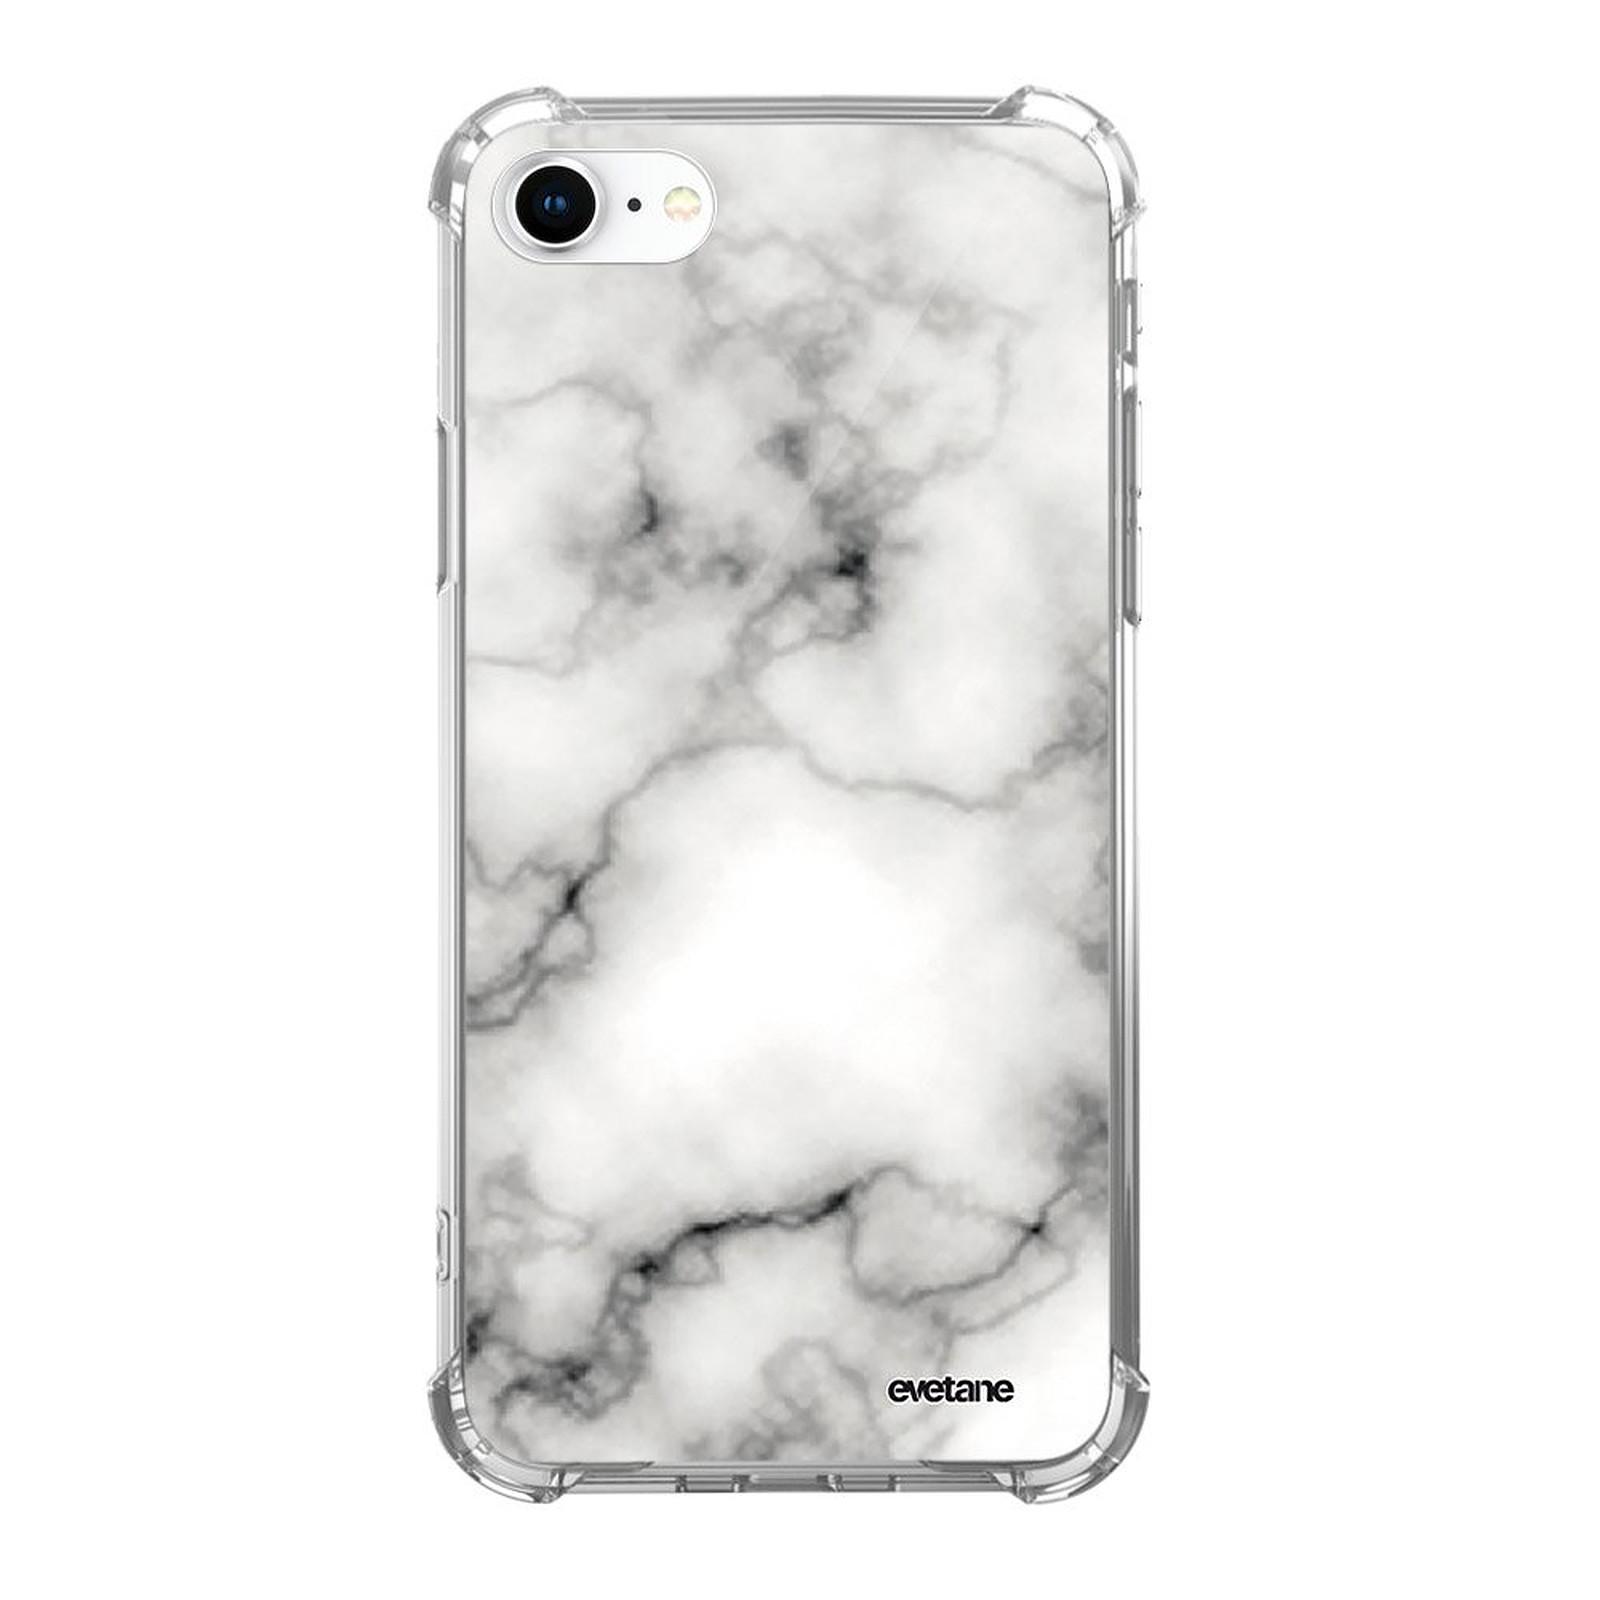 evetane coque iphone 7 8 iphone se 2020 anti choc souple angles renforces transparente marbre blanc coque telephone evetane sur ldlc com